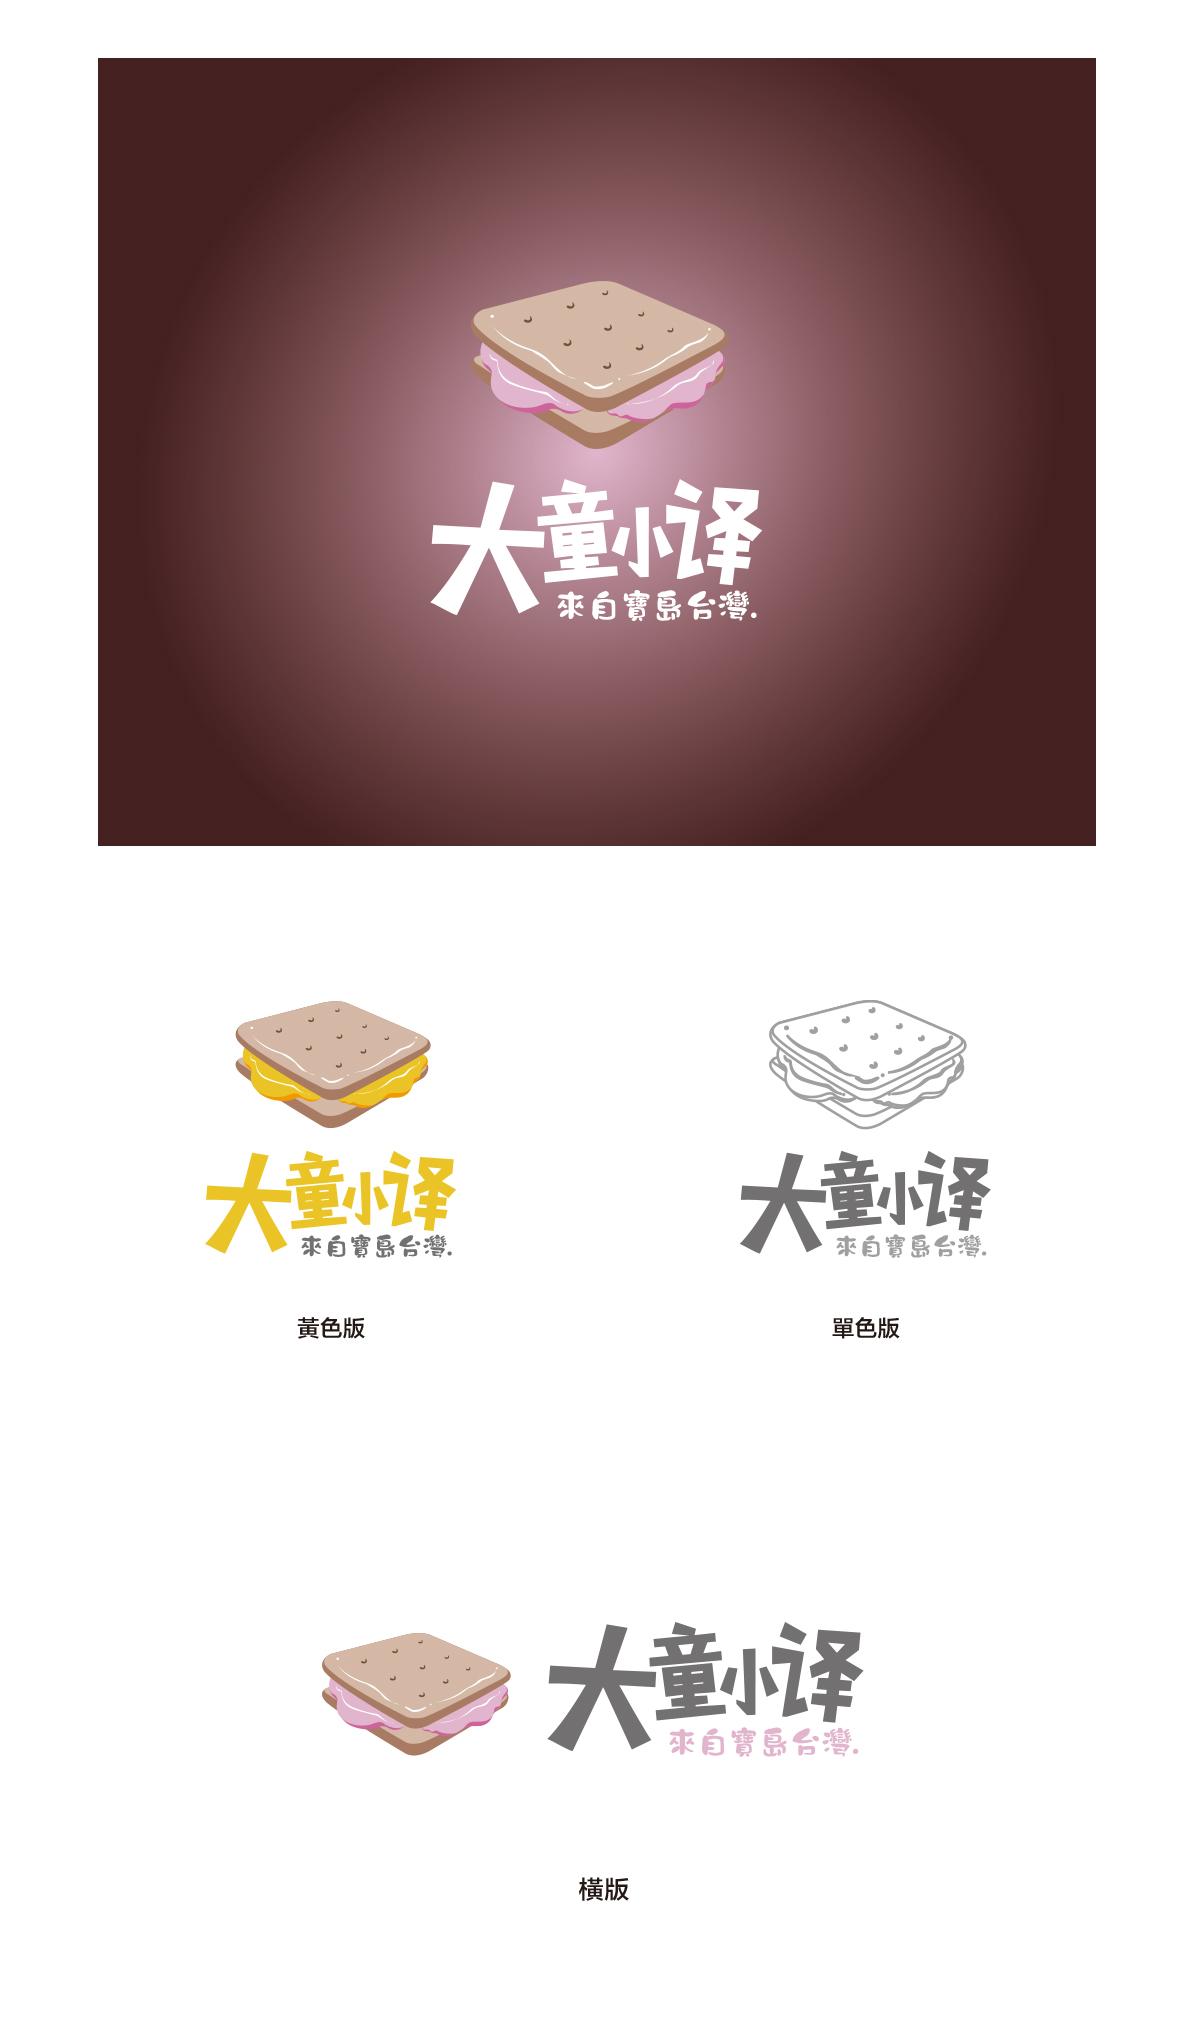 台湾牛轧饼薯片清新可爱手绘风零食包装系列